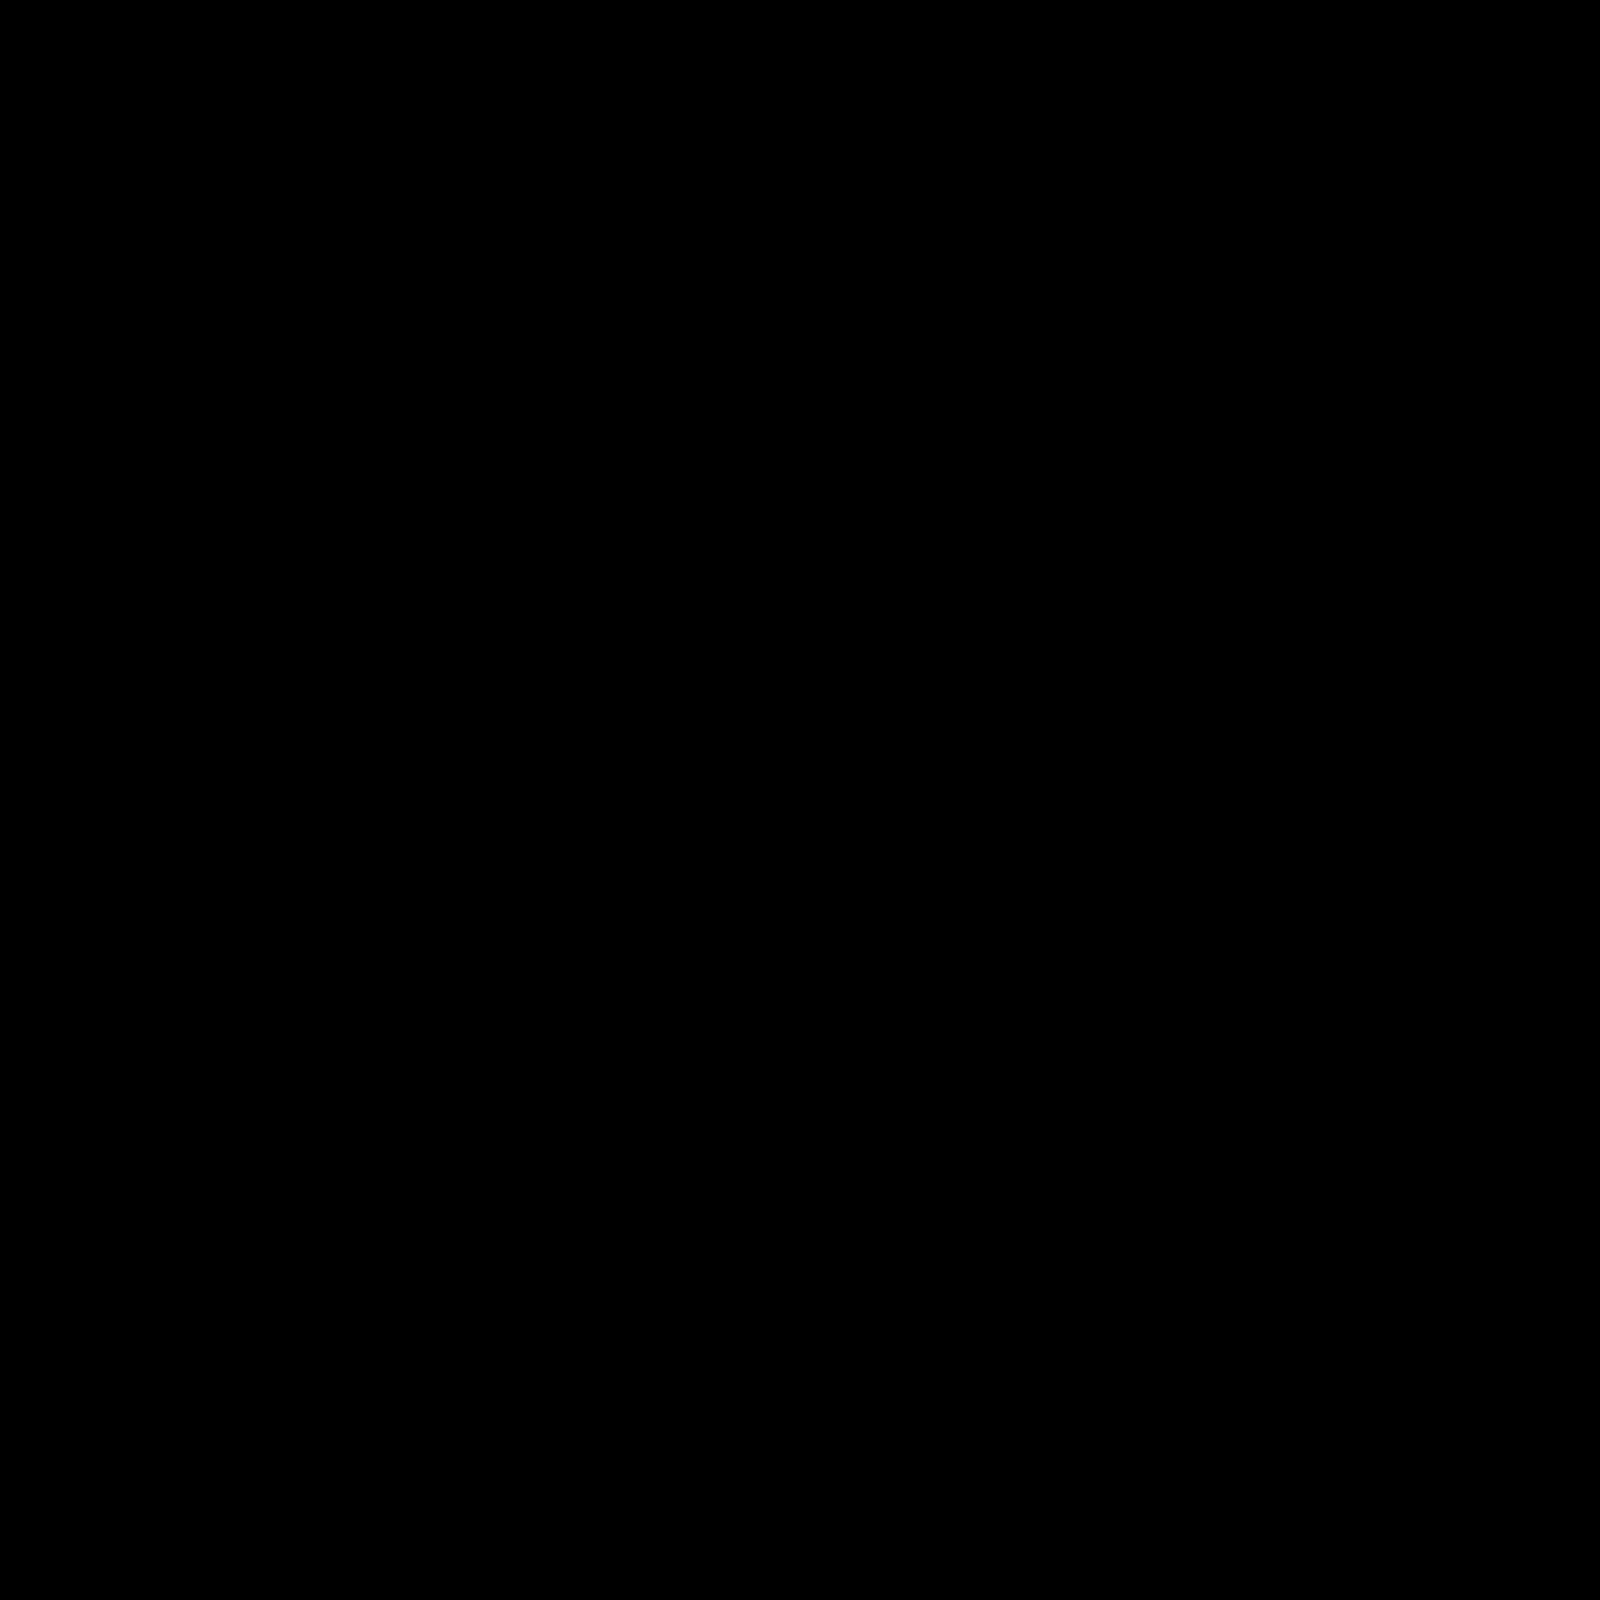 Trabajo remoto icon